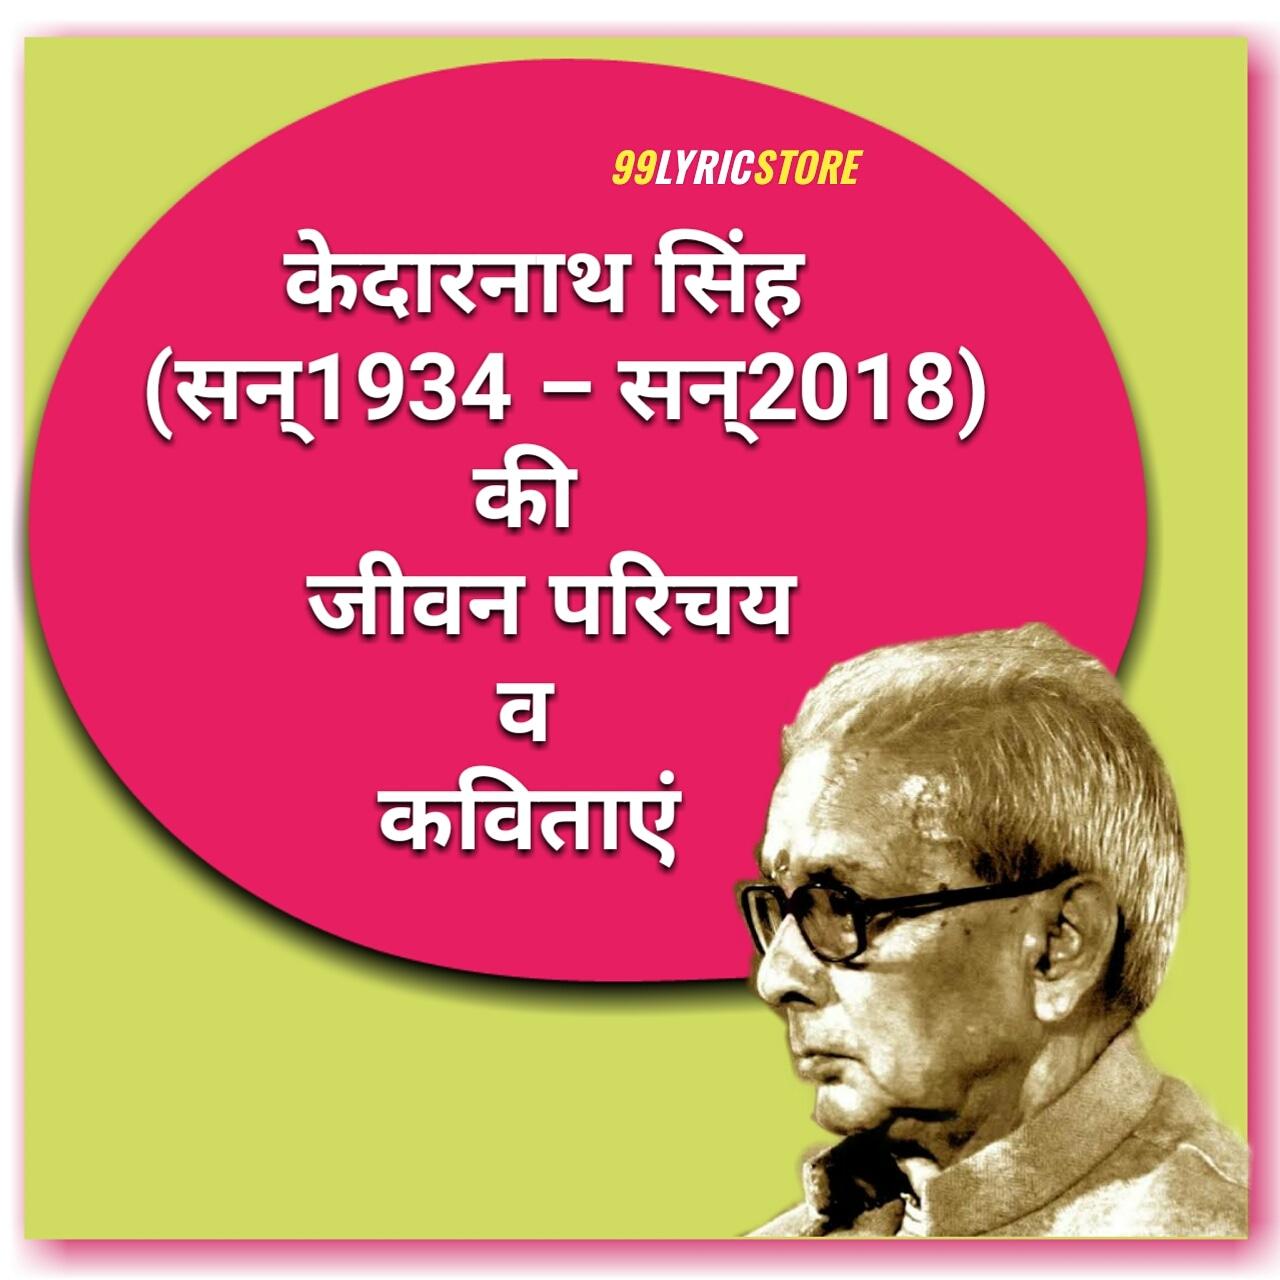 """केदारनाथ सिंह एक भारतीय कवि थे। ये अपनी कविताएं हिन्दी में लिखा करते थे। इनकी प्रमुख रचनाओं में अकाल में सारस, बाघ, उत्तर कबीर तथा अन्य कविताएँ, अभी बिल्कुल अभी, जमीन पक रही है, 'रोटी', 'जमीन', बैल, 'तालस्ताय' और 'साइकिल संग्रह', जैसे कई संग्रह हैं। उन्हें कविता संग्रह """"अकाल में सारस"""" के लिये साहित्य अकादमी पुरस्कार (1989), मैथिलीशरण गुप्त पुरस्कार, कुमार आशान पुरस्कार (केरल), दिनकर पुरस्कार, जीवनभारती सम्मान (उड़ीसा) और व्यास सम्मान सहित अनेक प्रतिष्ठित सम्मान और पुरस्कारों से सम्मानित किया जा चुका है।"""